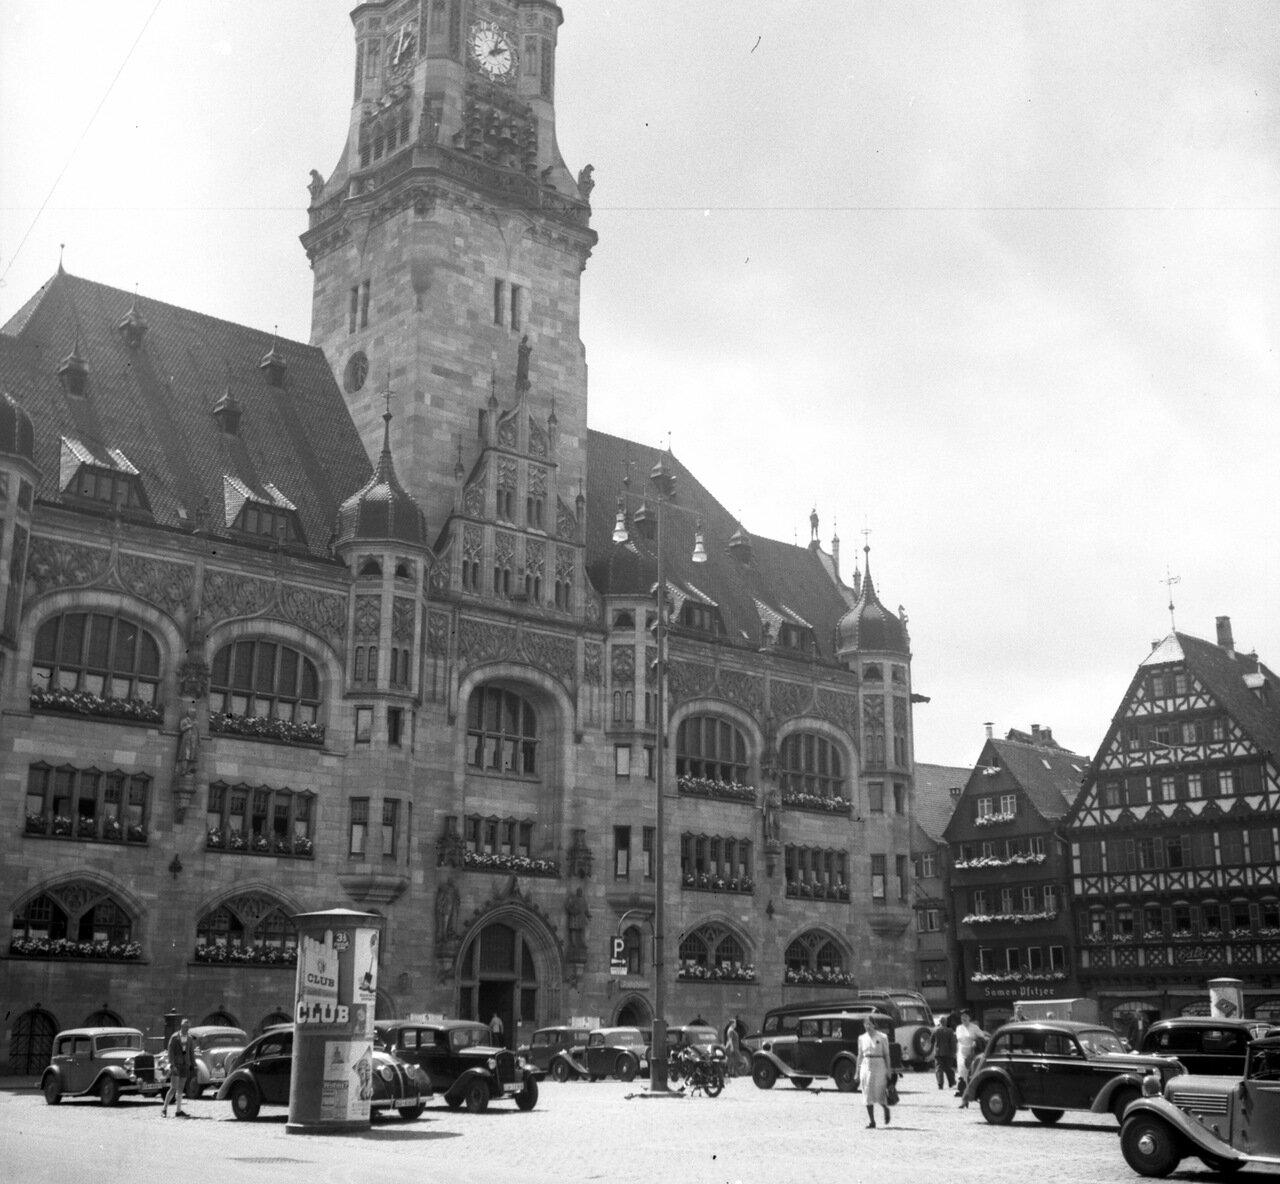 1936. Штутгарт, Рыночная площадь, Ратуша